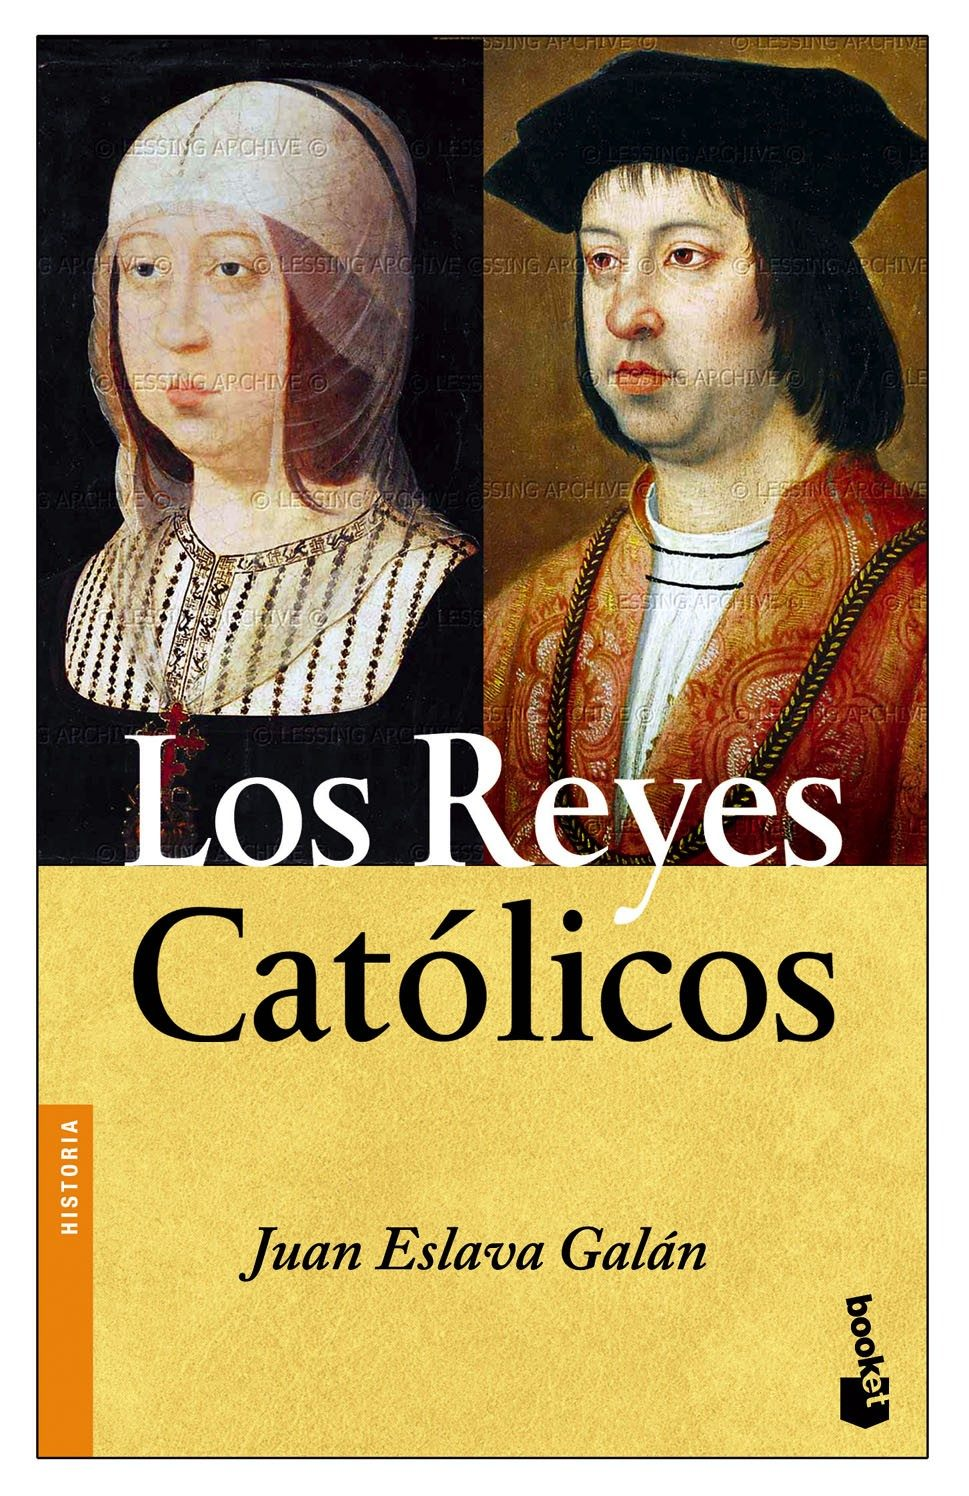 カトリック両王のスペイン統一